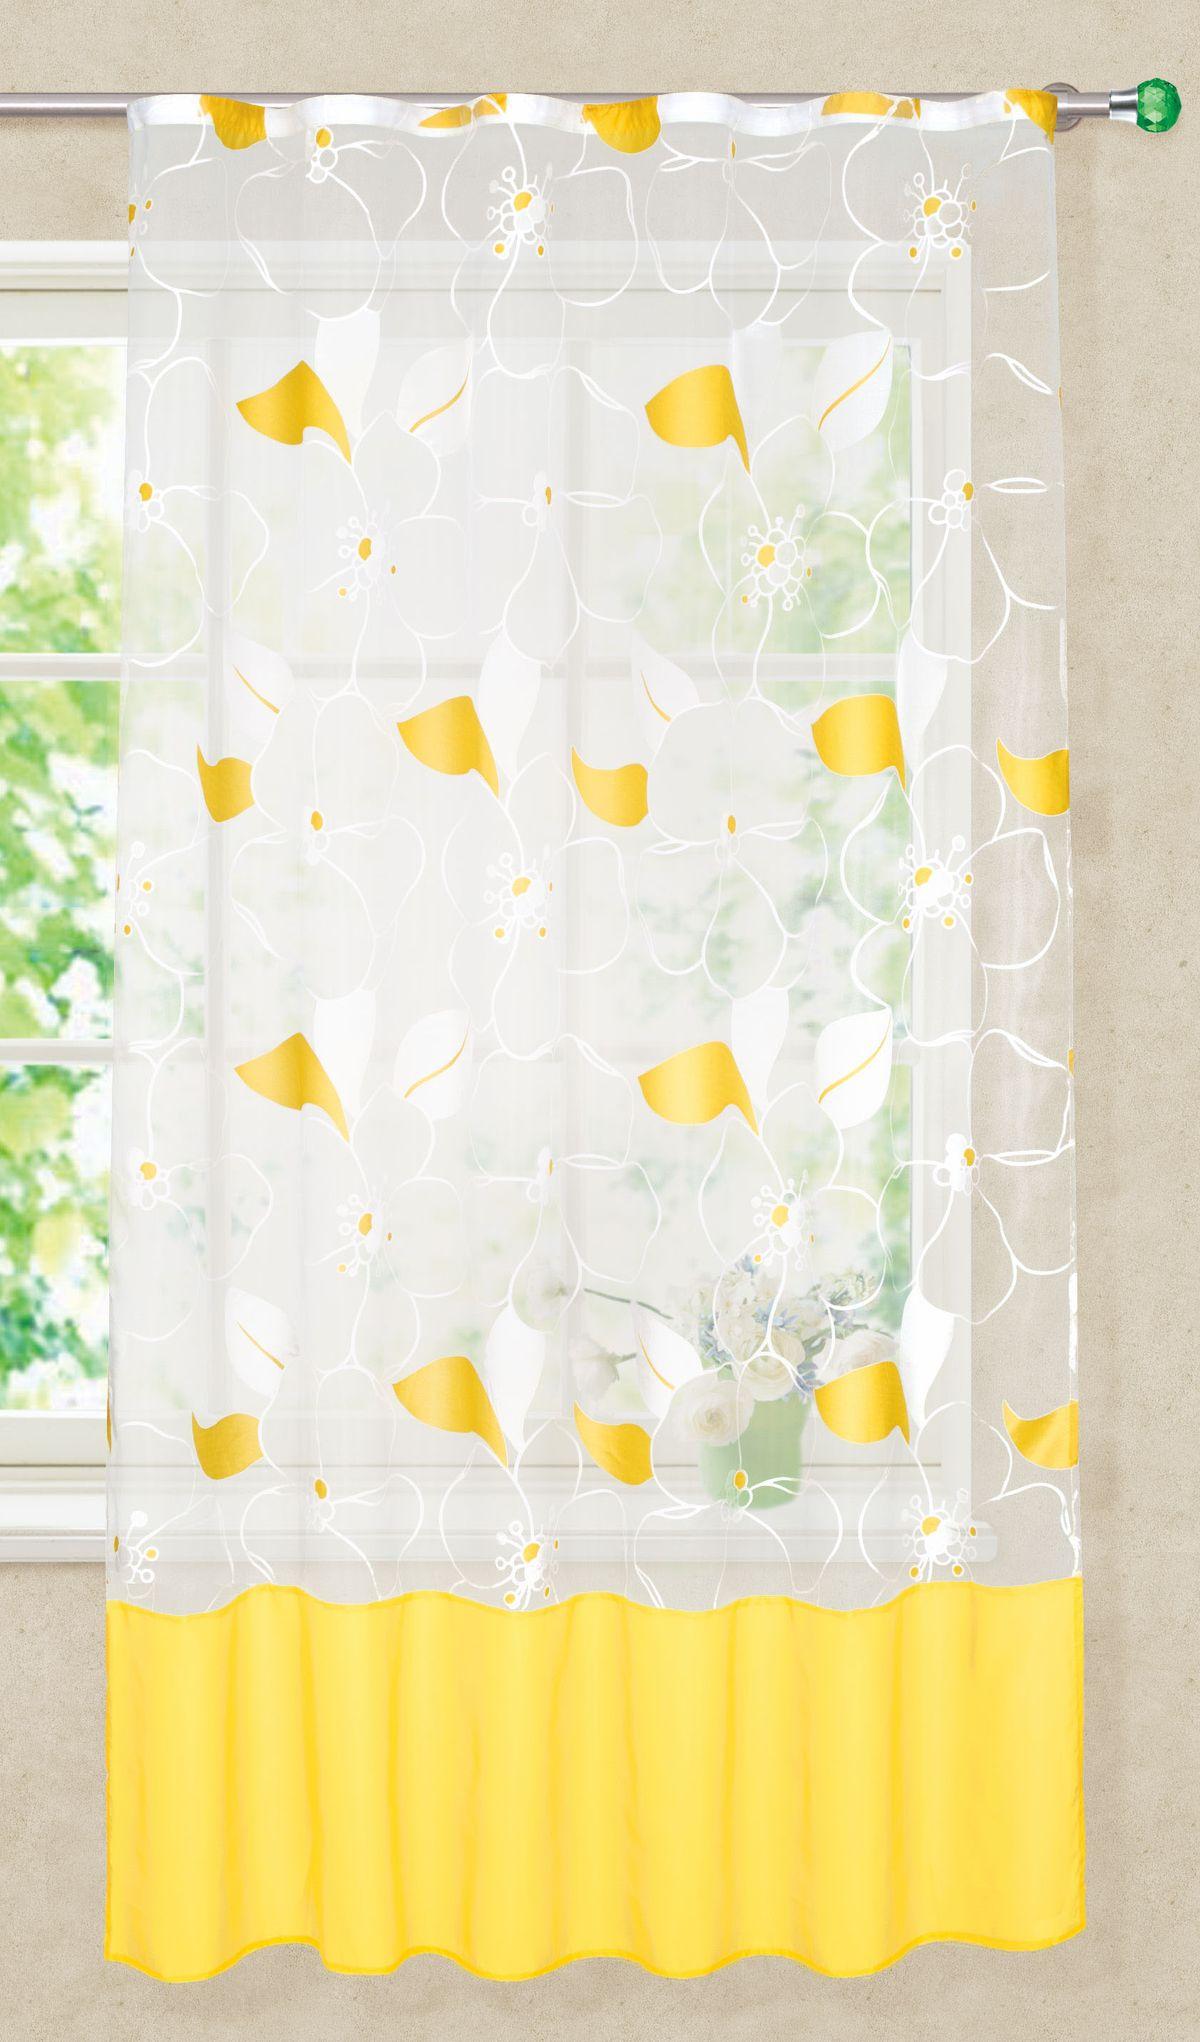 Штора готовая Garden, на ленте, для кухни, цвет: белый, 145х180 см. С 8136 - W260 V19С 8136 - W260 V19Изящная штора для кухни Garden выполнена из легкой ткани. Приятная текстура и цвет штор привлекут к себе внимание и органично впишутся в интерьер помещения. Штора крепится на карниз при помощи ленты, которая поможет красиво и равномерно задрапировать верх.